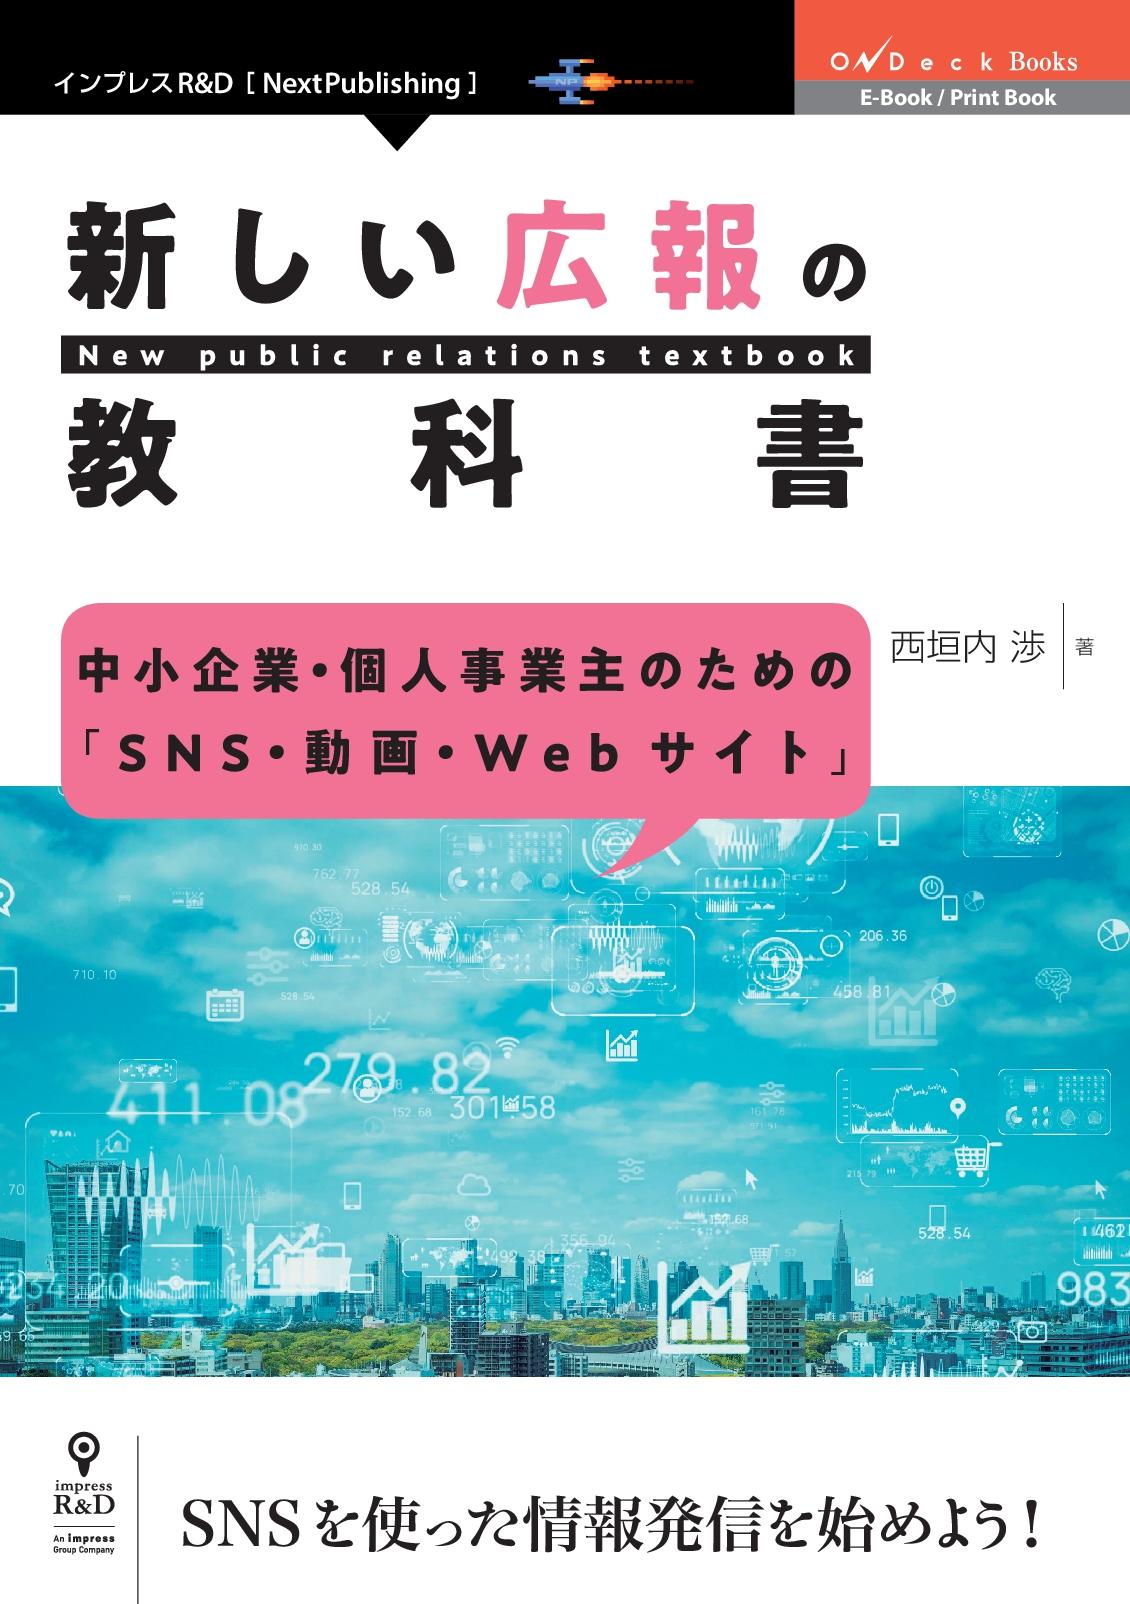 中小企業・個人事業主のための「SNS・動画・Webサイト」 新しい広報の教科書